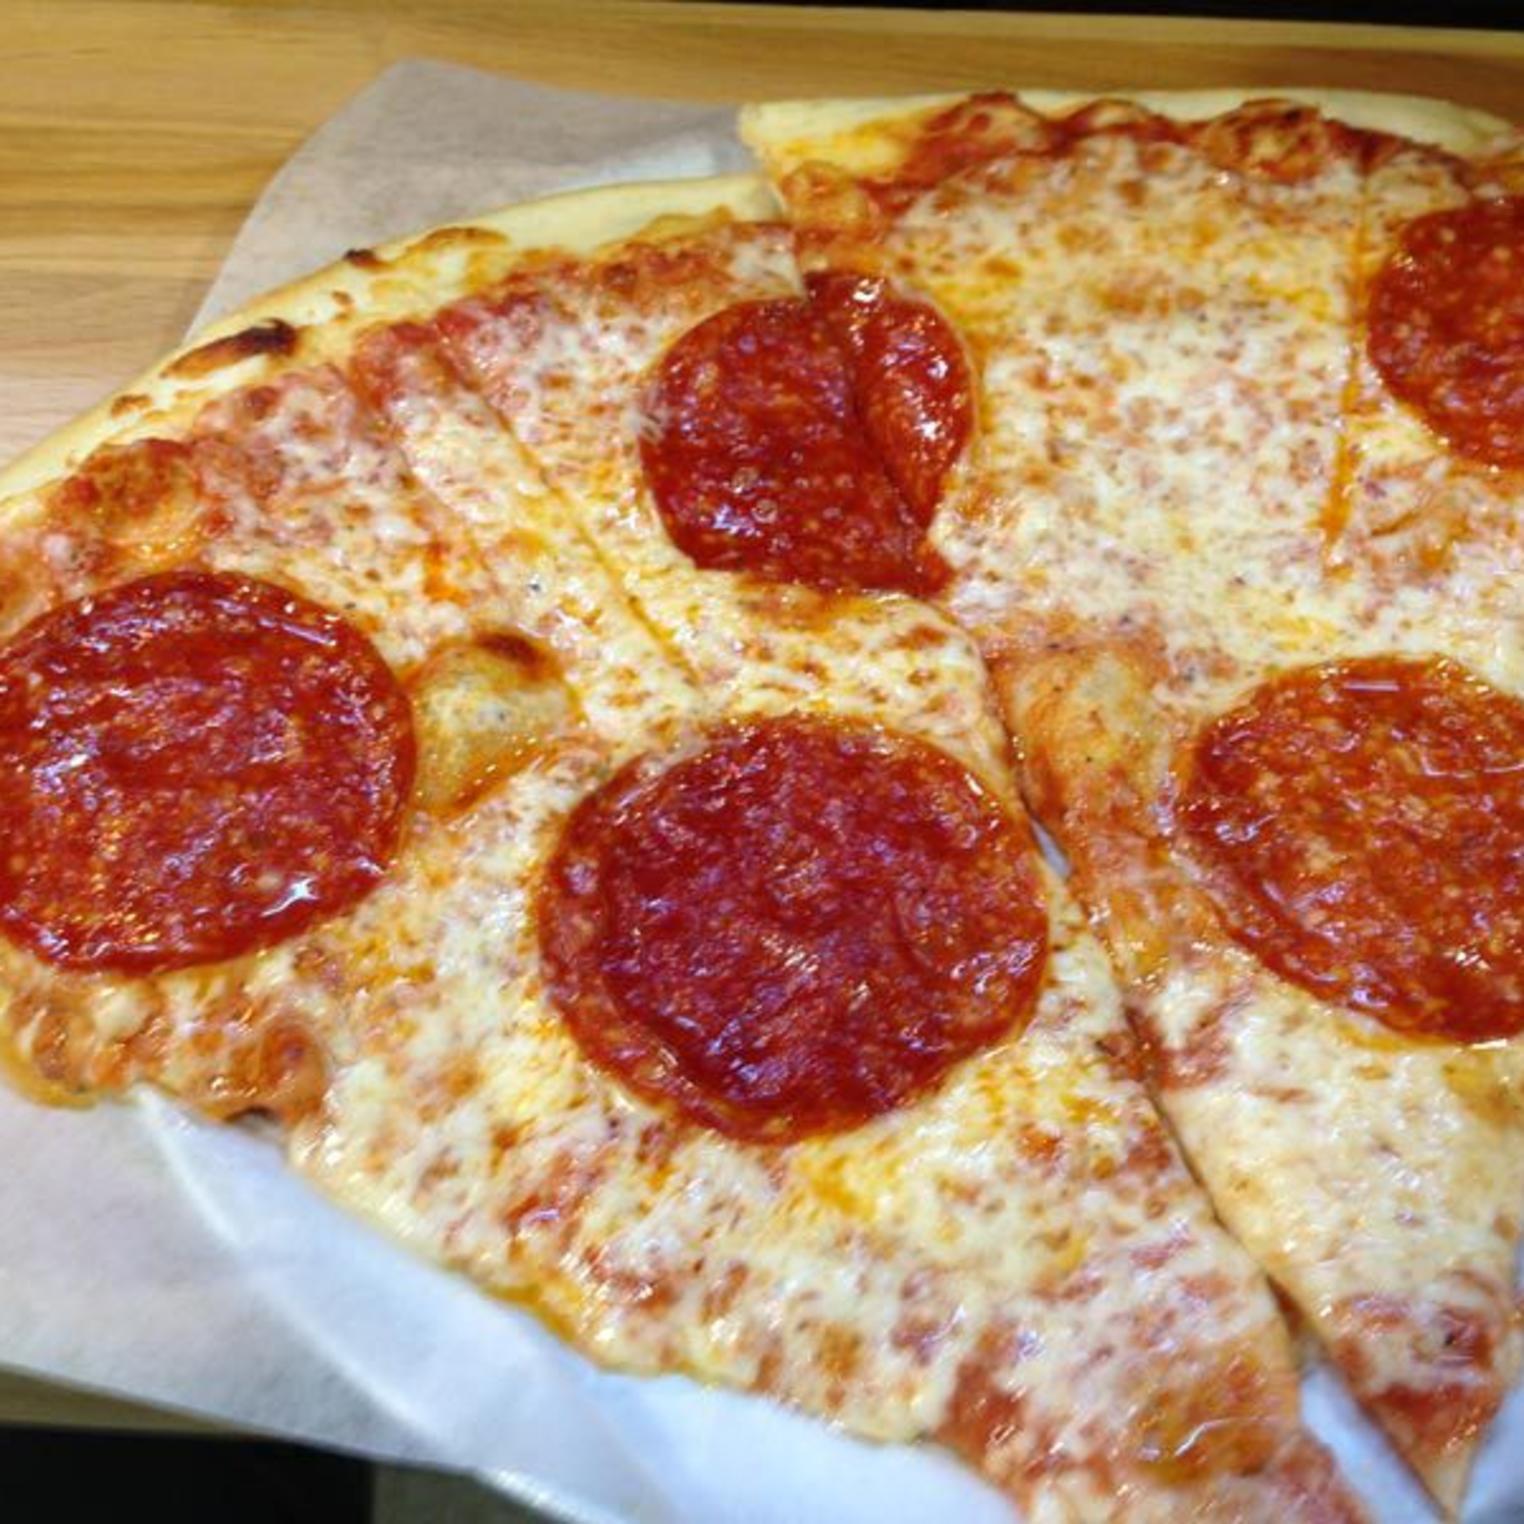 Casero's Pizza